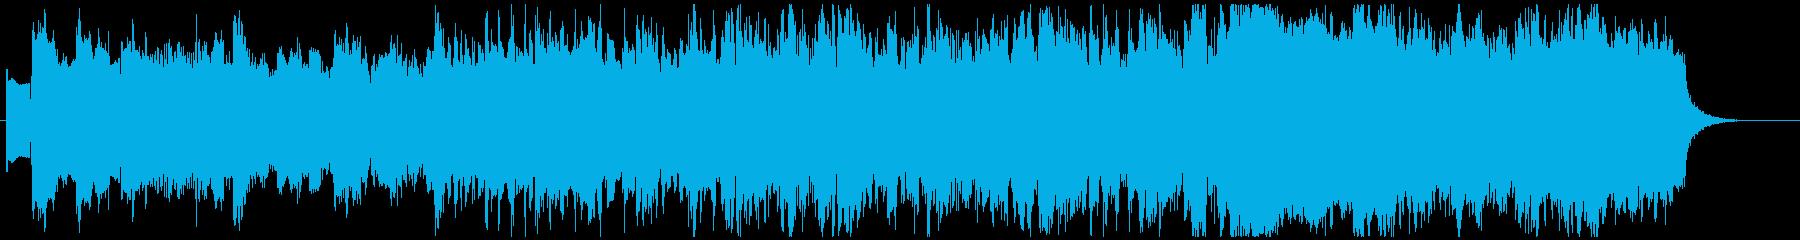 オーガニックで爽やかな朝の音楽の再生済みの波形